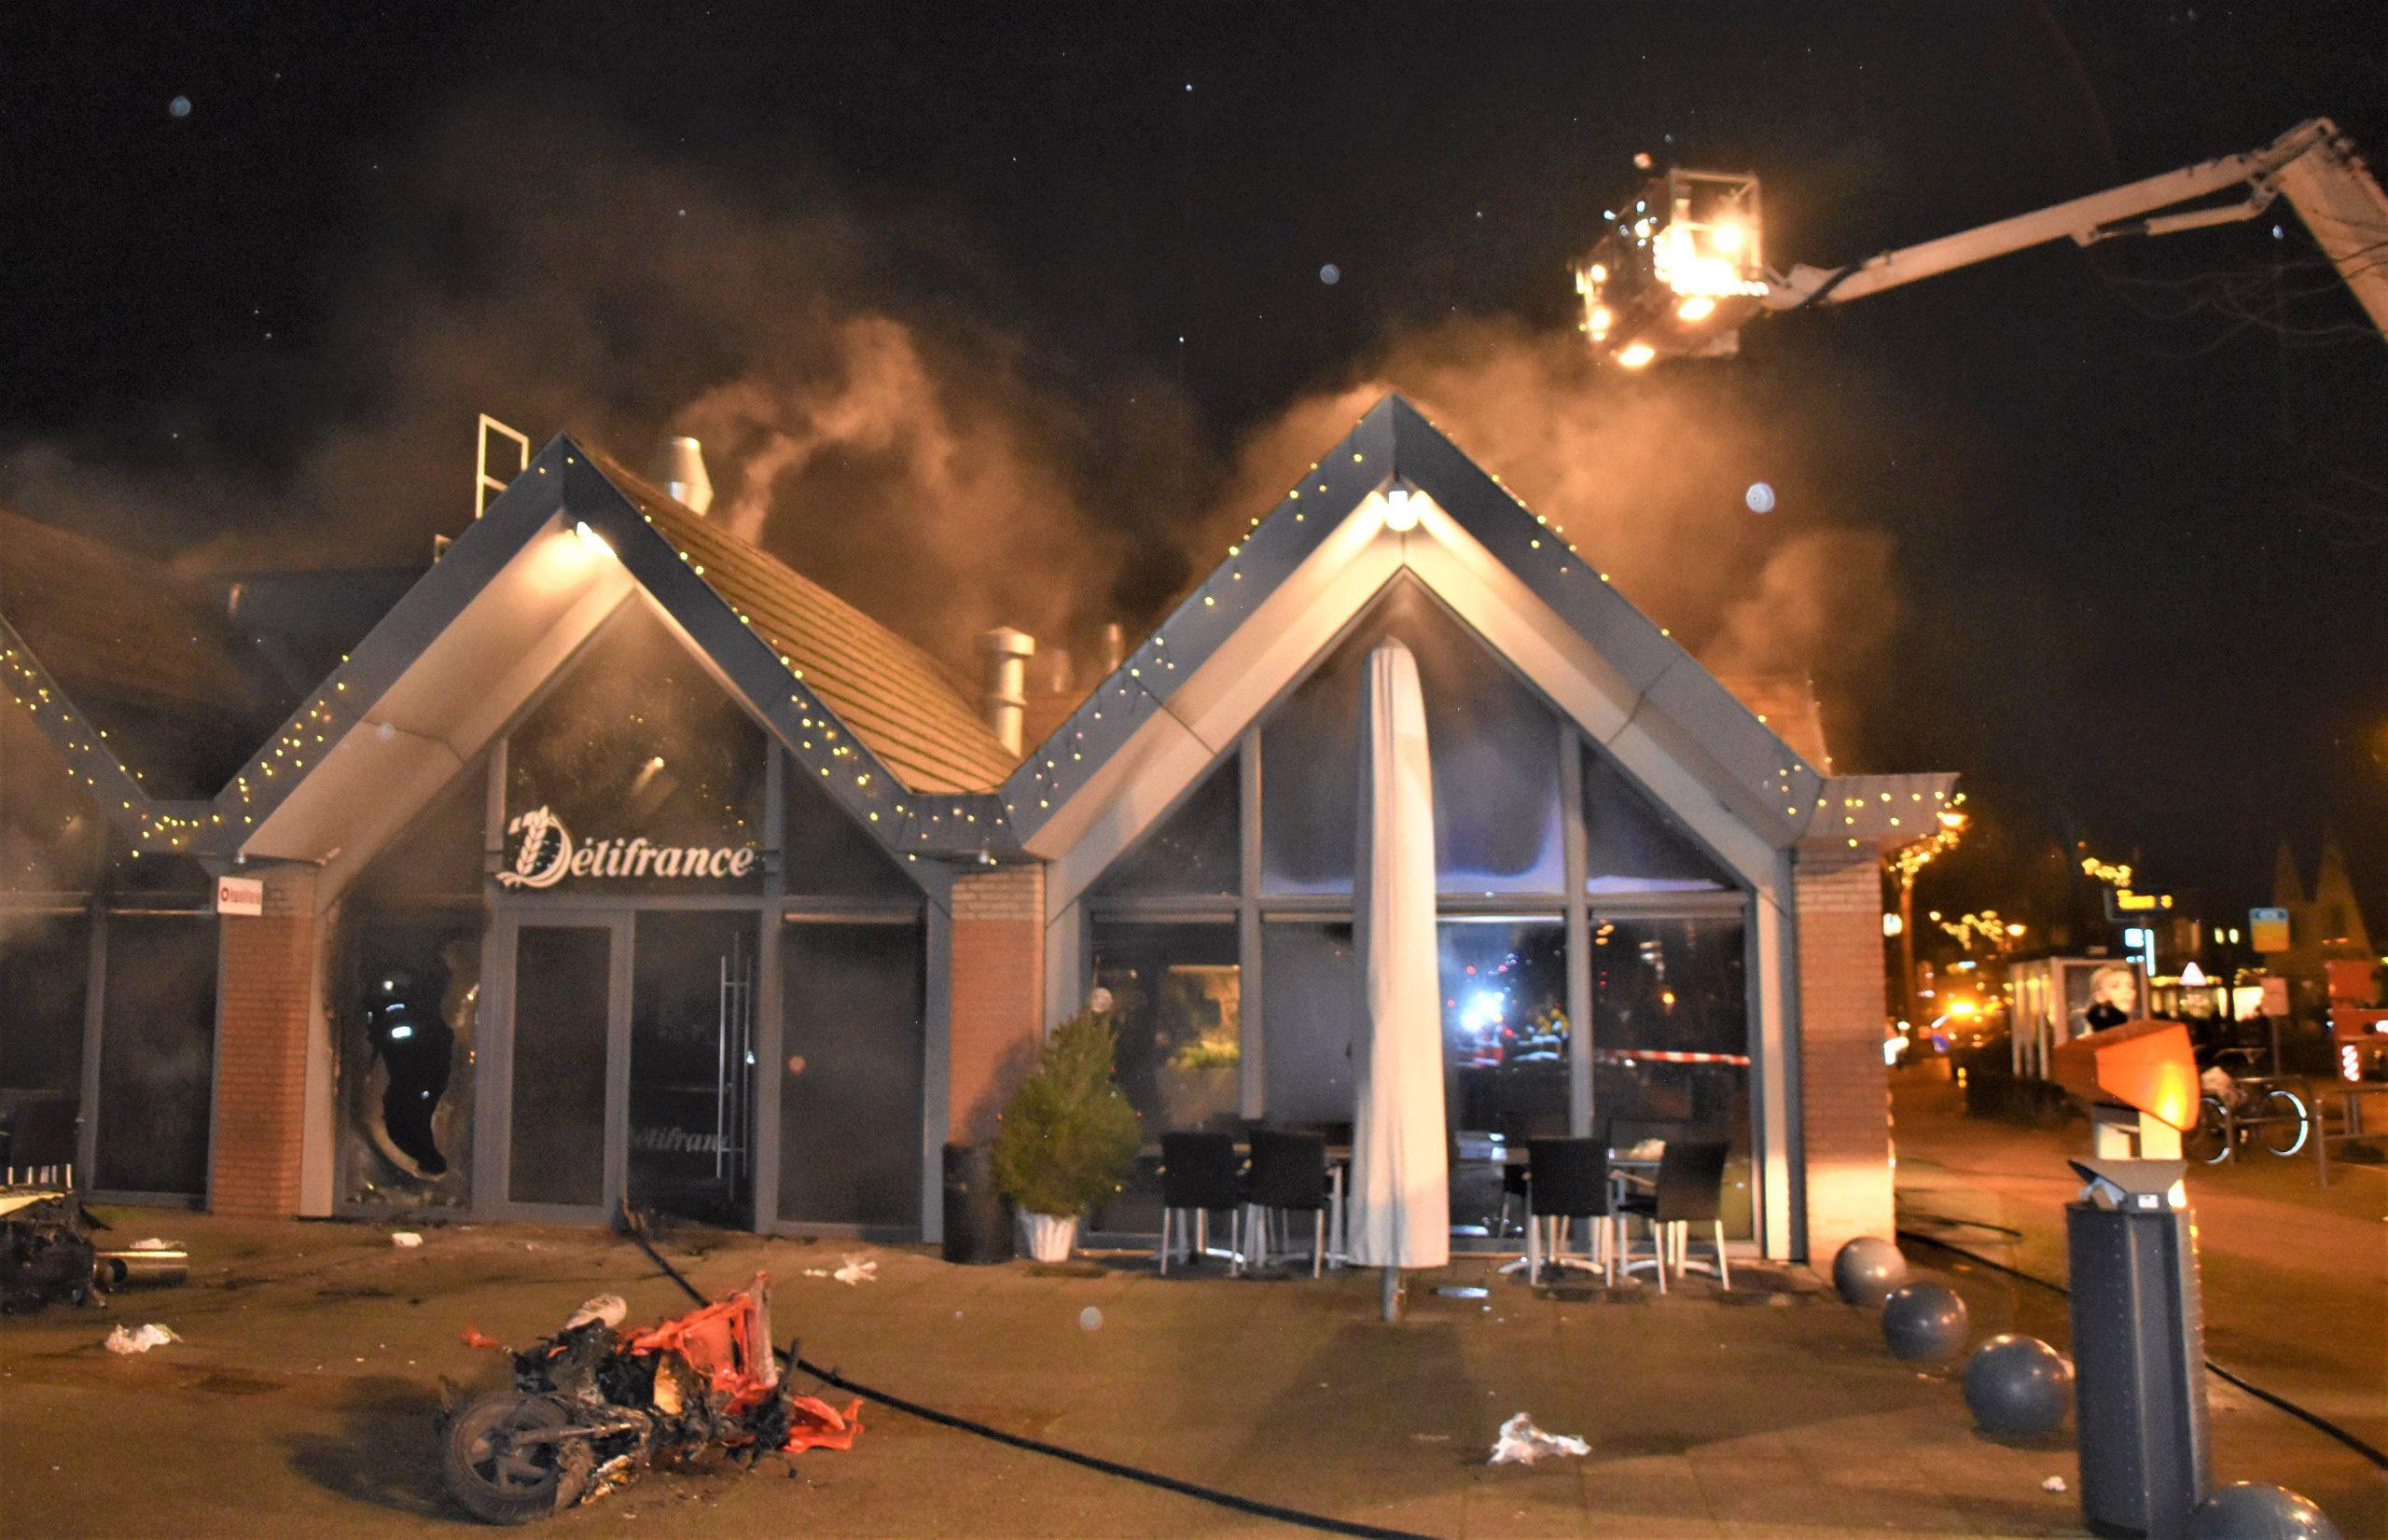 Onderzoek naar oorzaak binnenbrand Délifrance